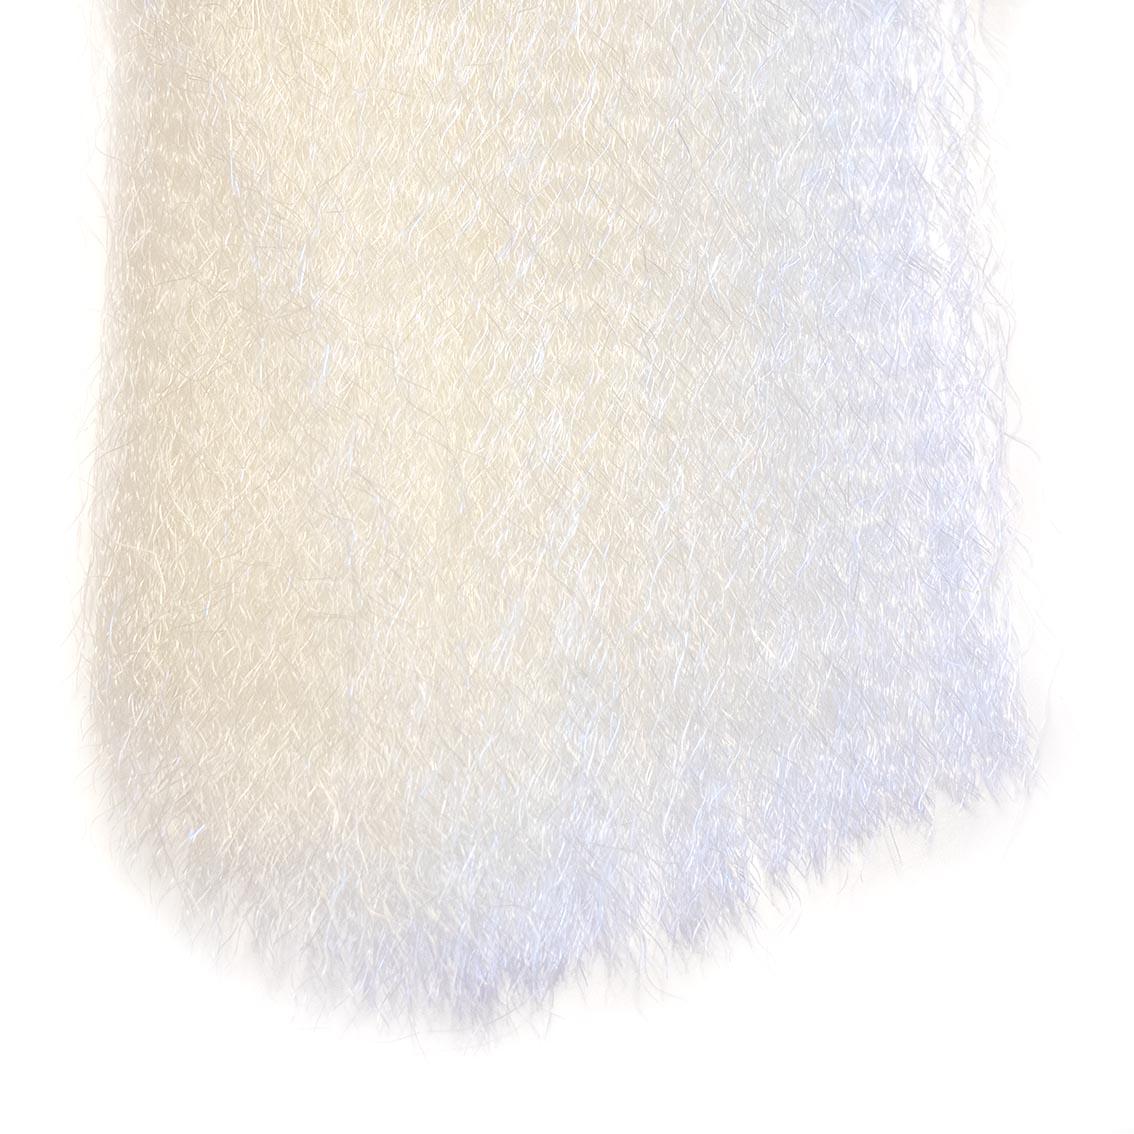 Fibra Sintética Strung Fuzzy Fiber